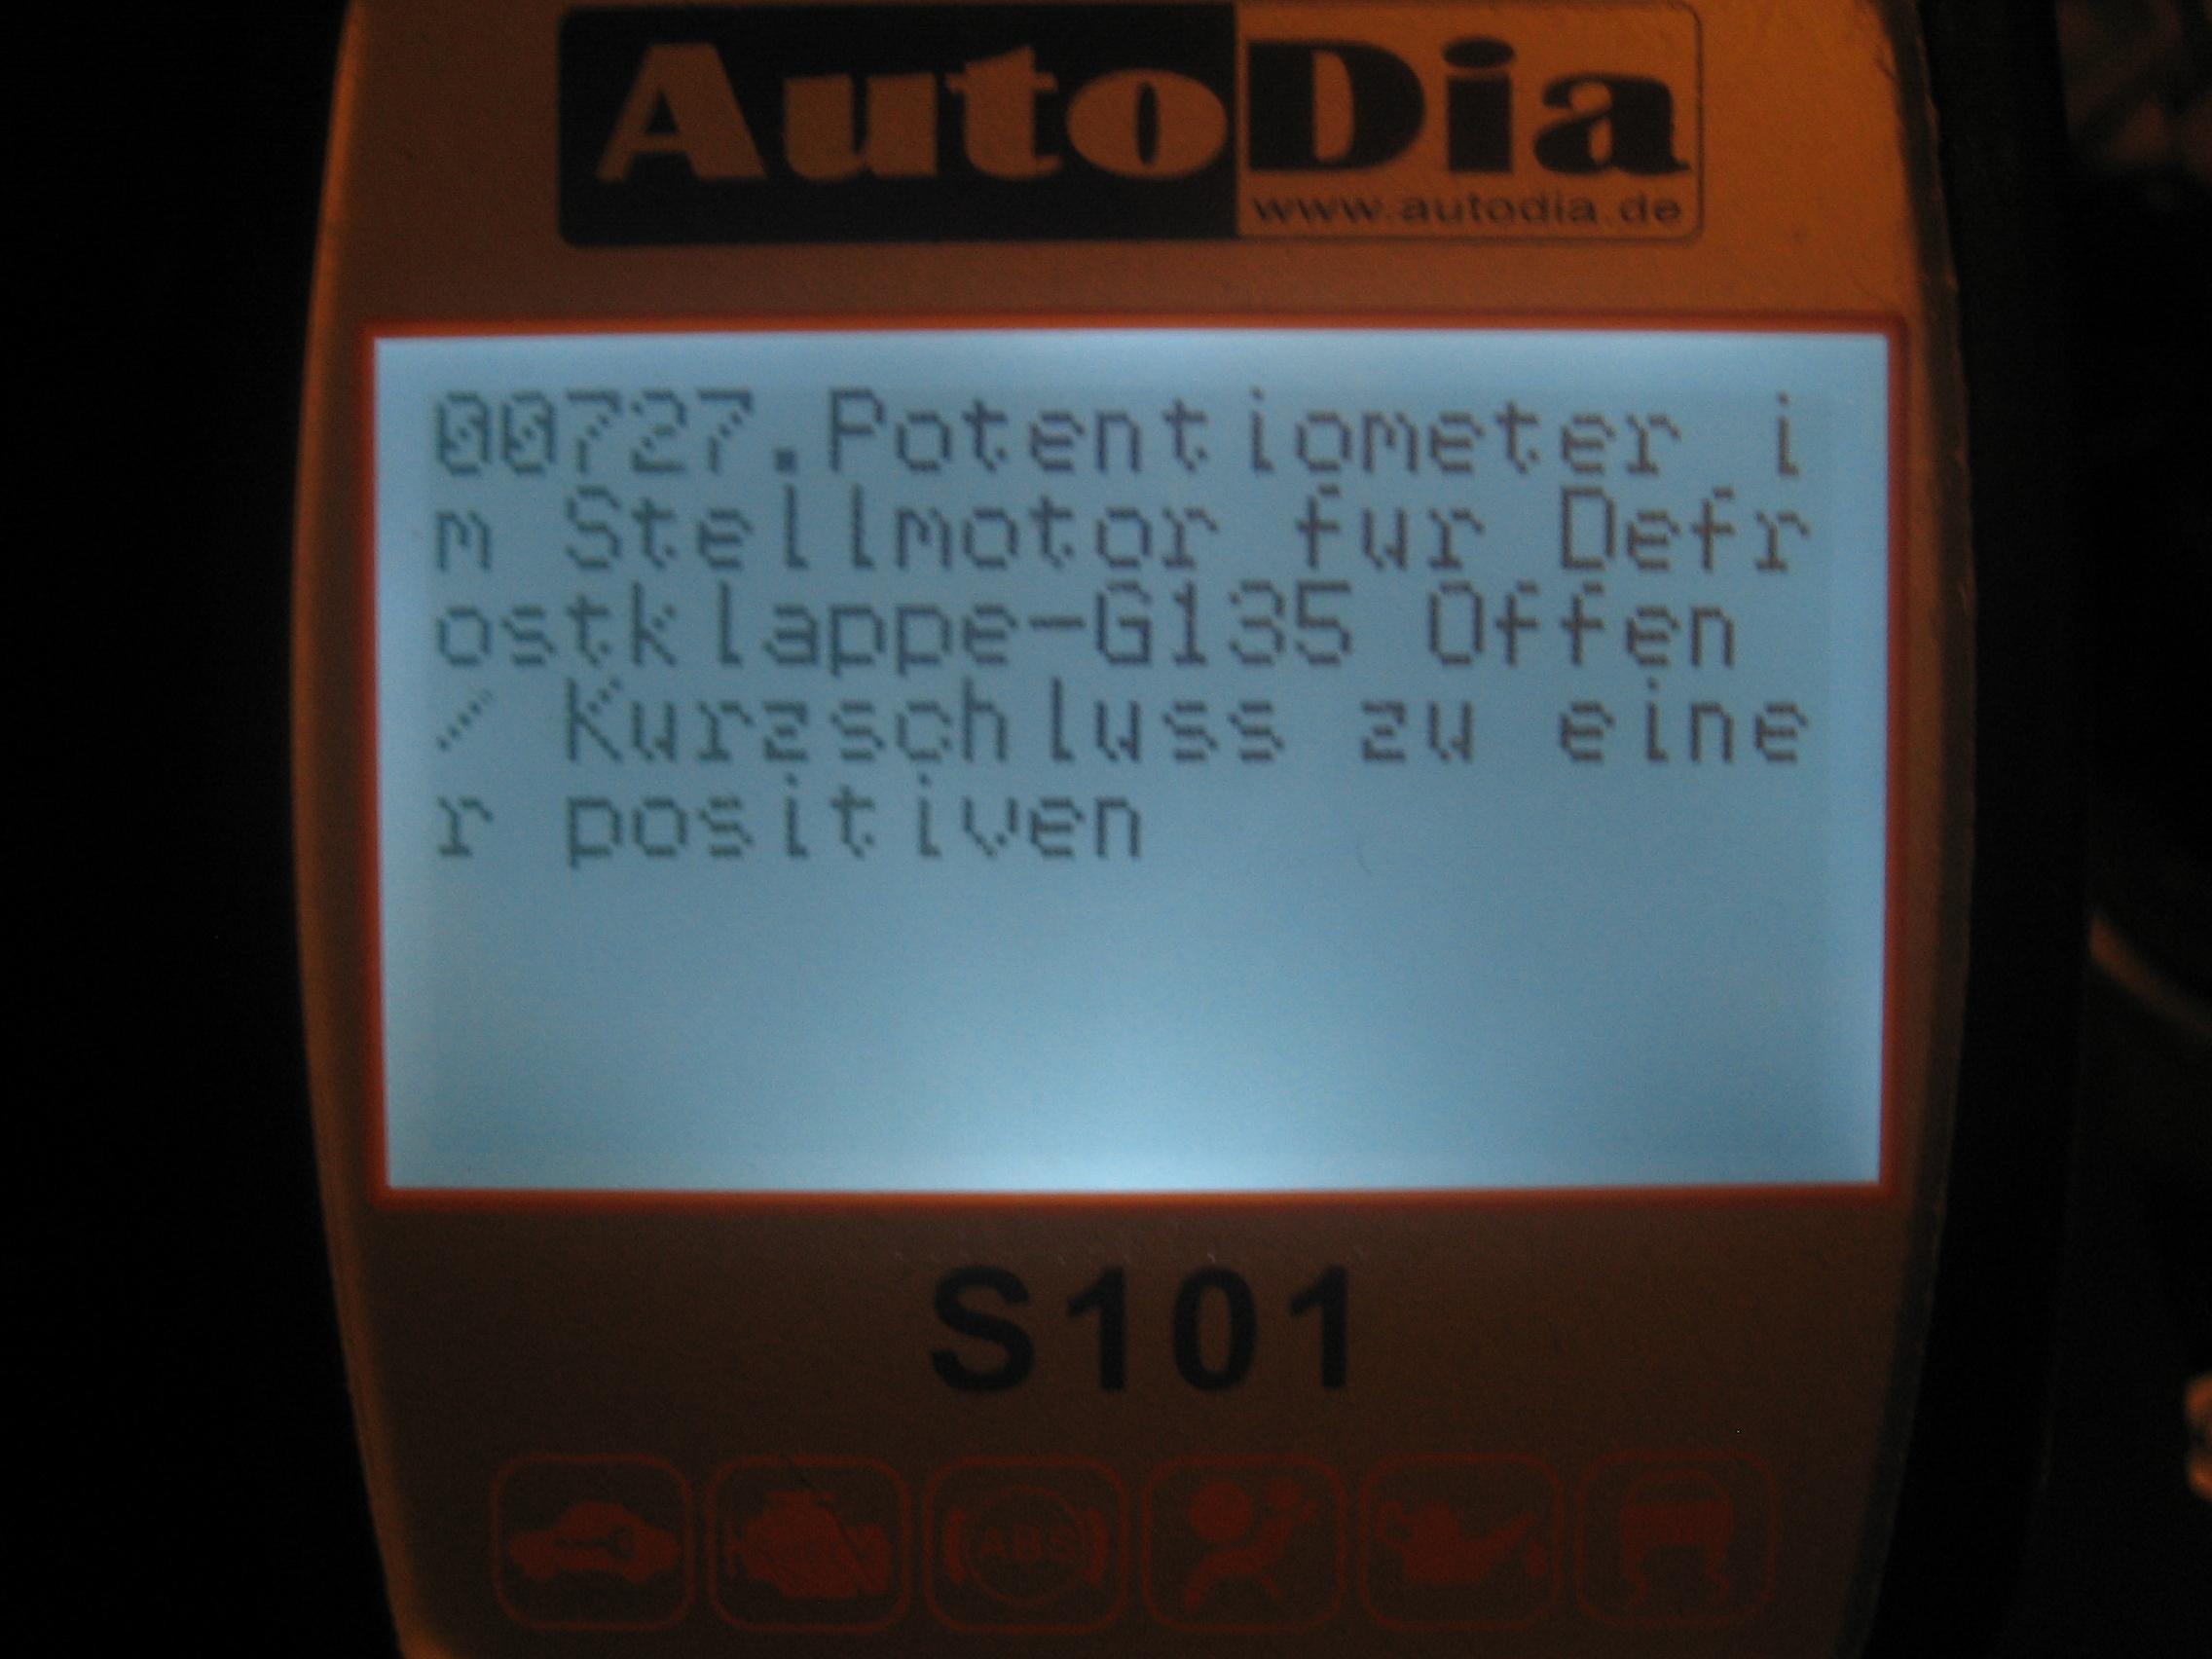 IMG_0898.JPG.b1d4682dcf8da26e5e50f1d28eaa0af4.JPG